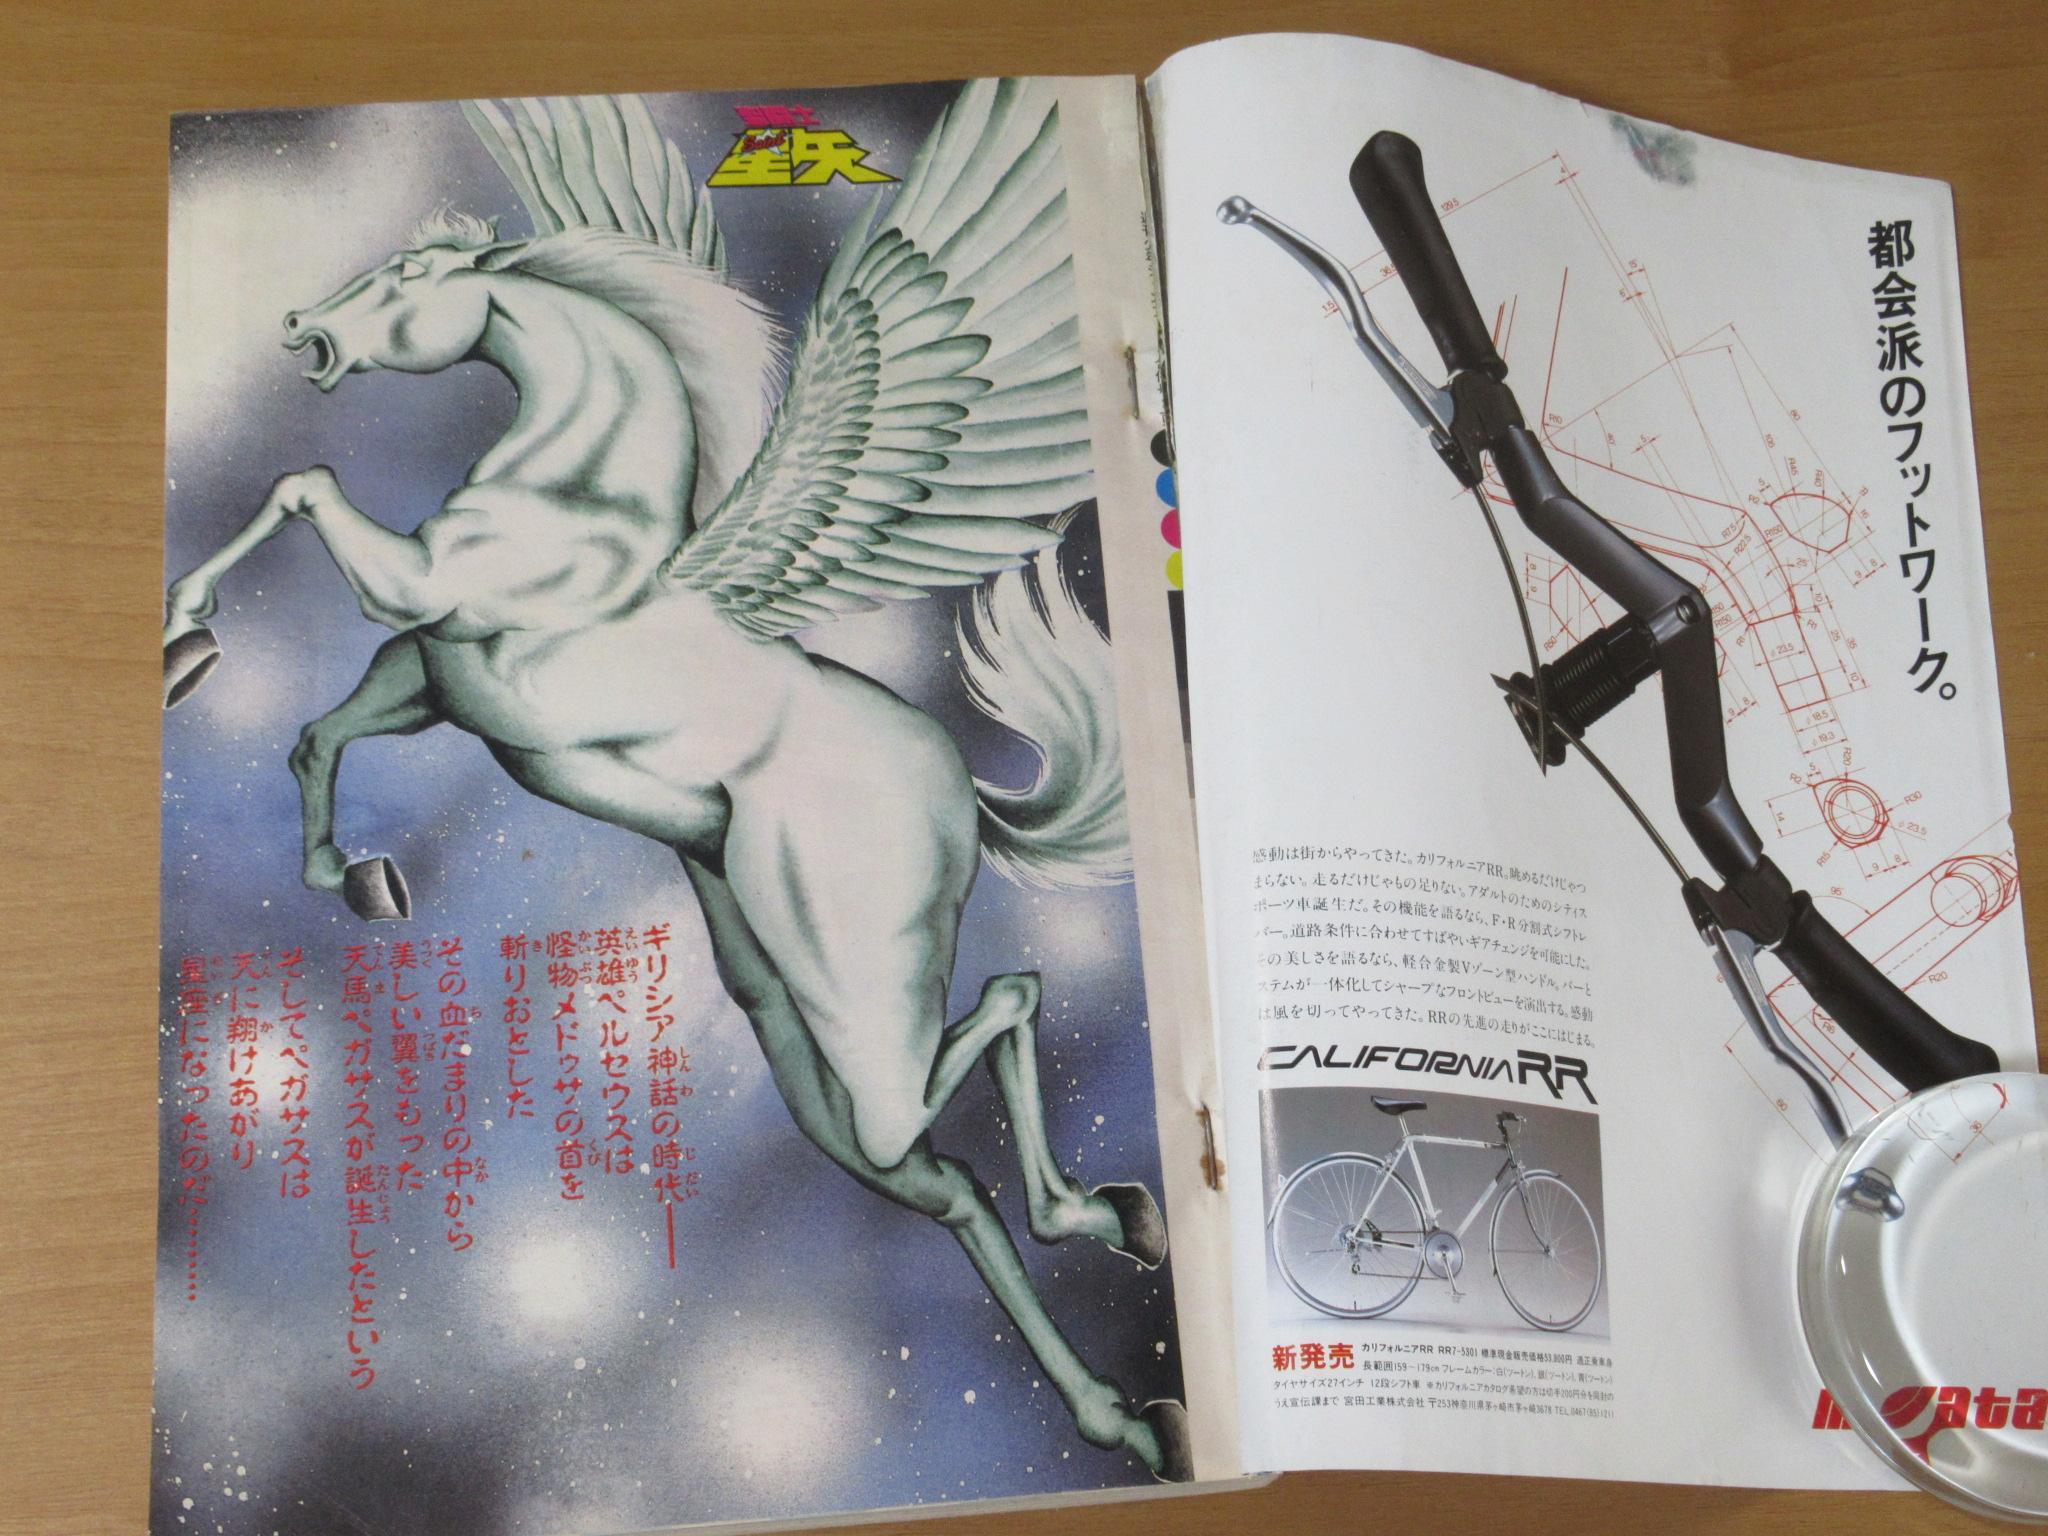 聖闘士星矢新連載 ジャンプ買取